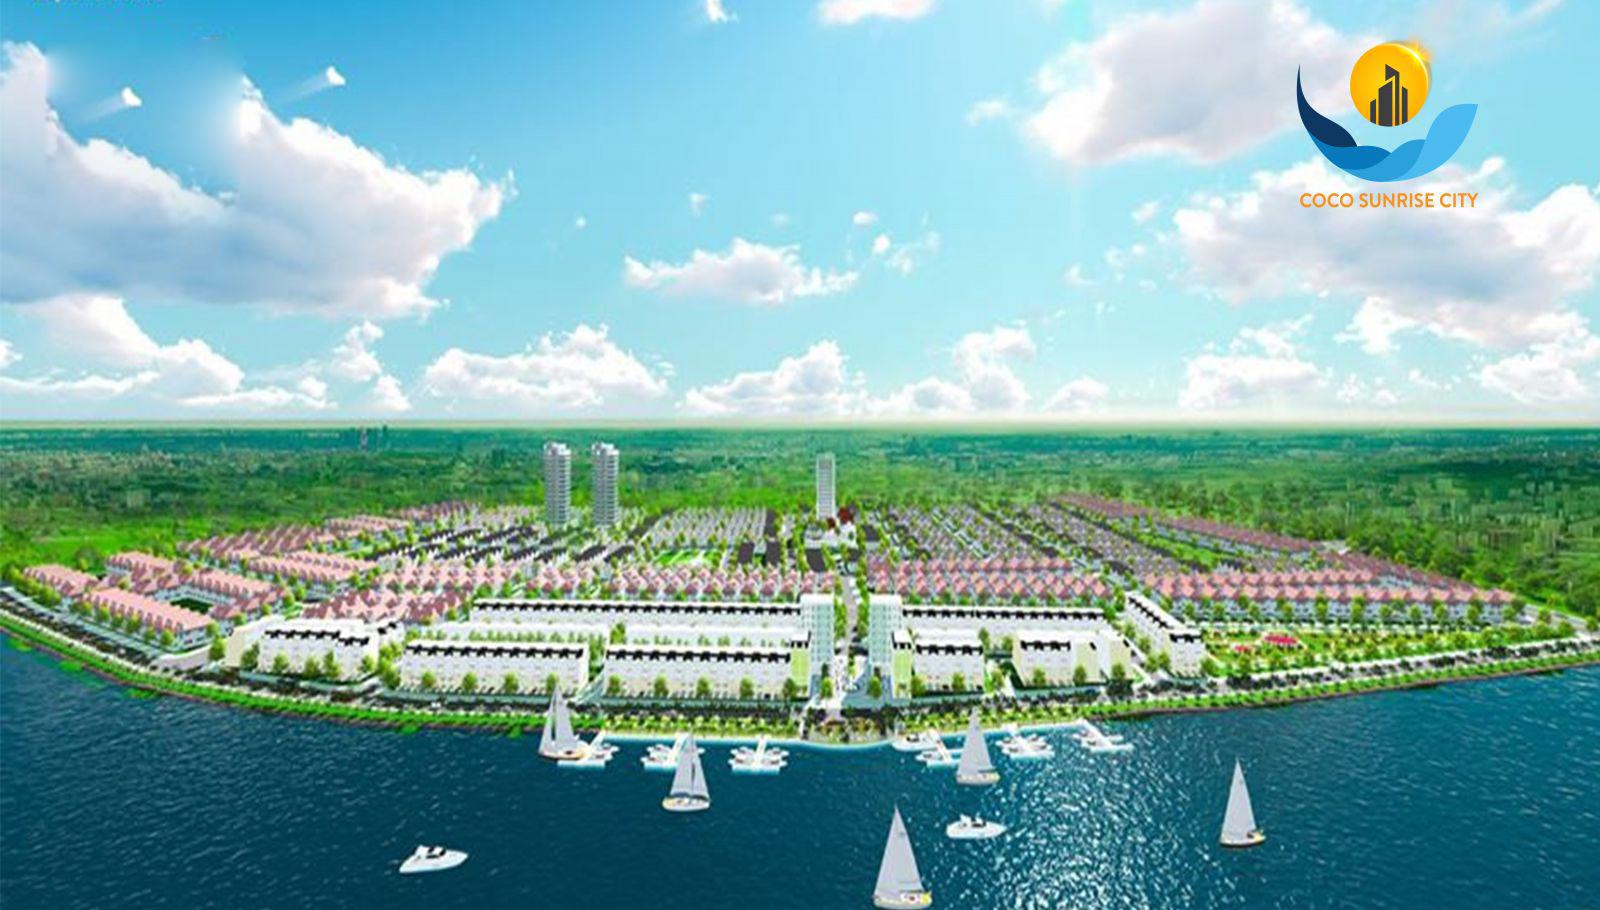 Dự án khu đô thị Coco Sunrise City - Ảnh 1 (1)